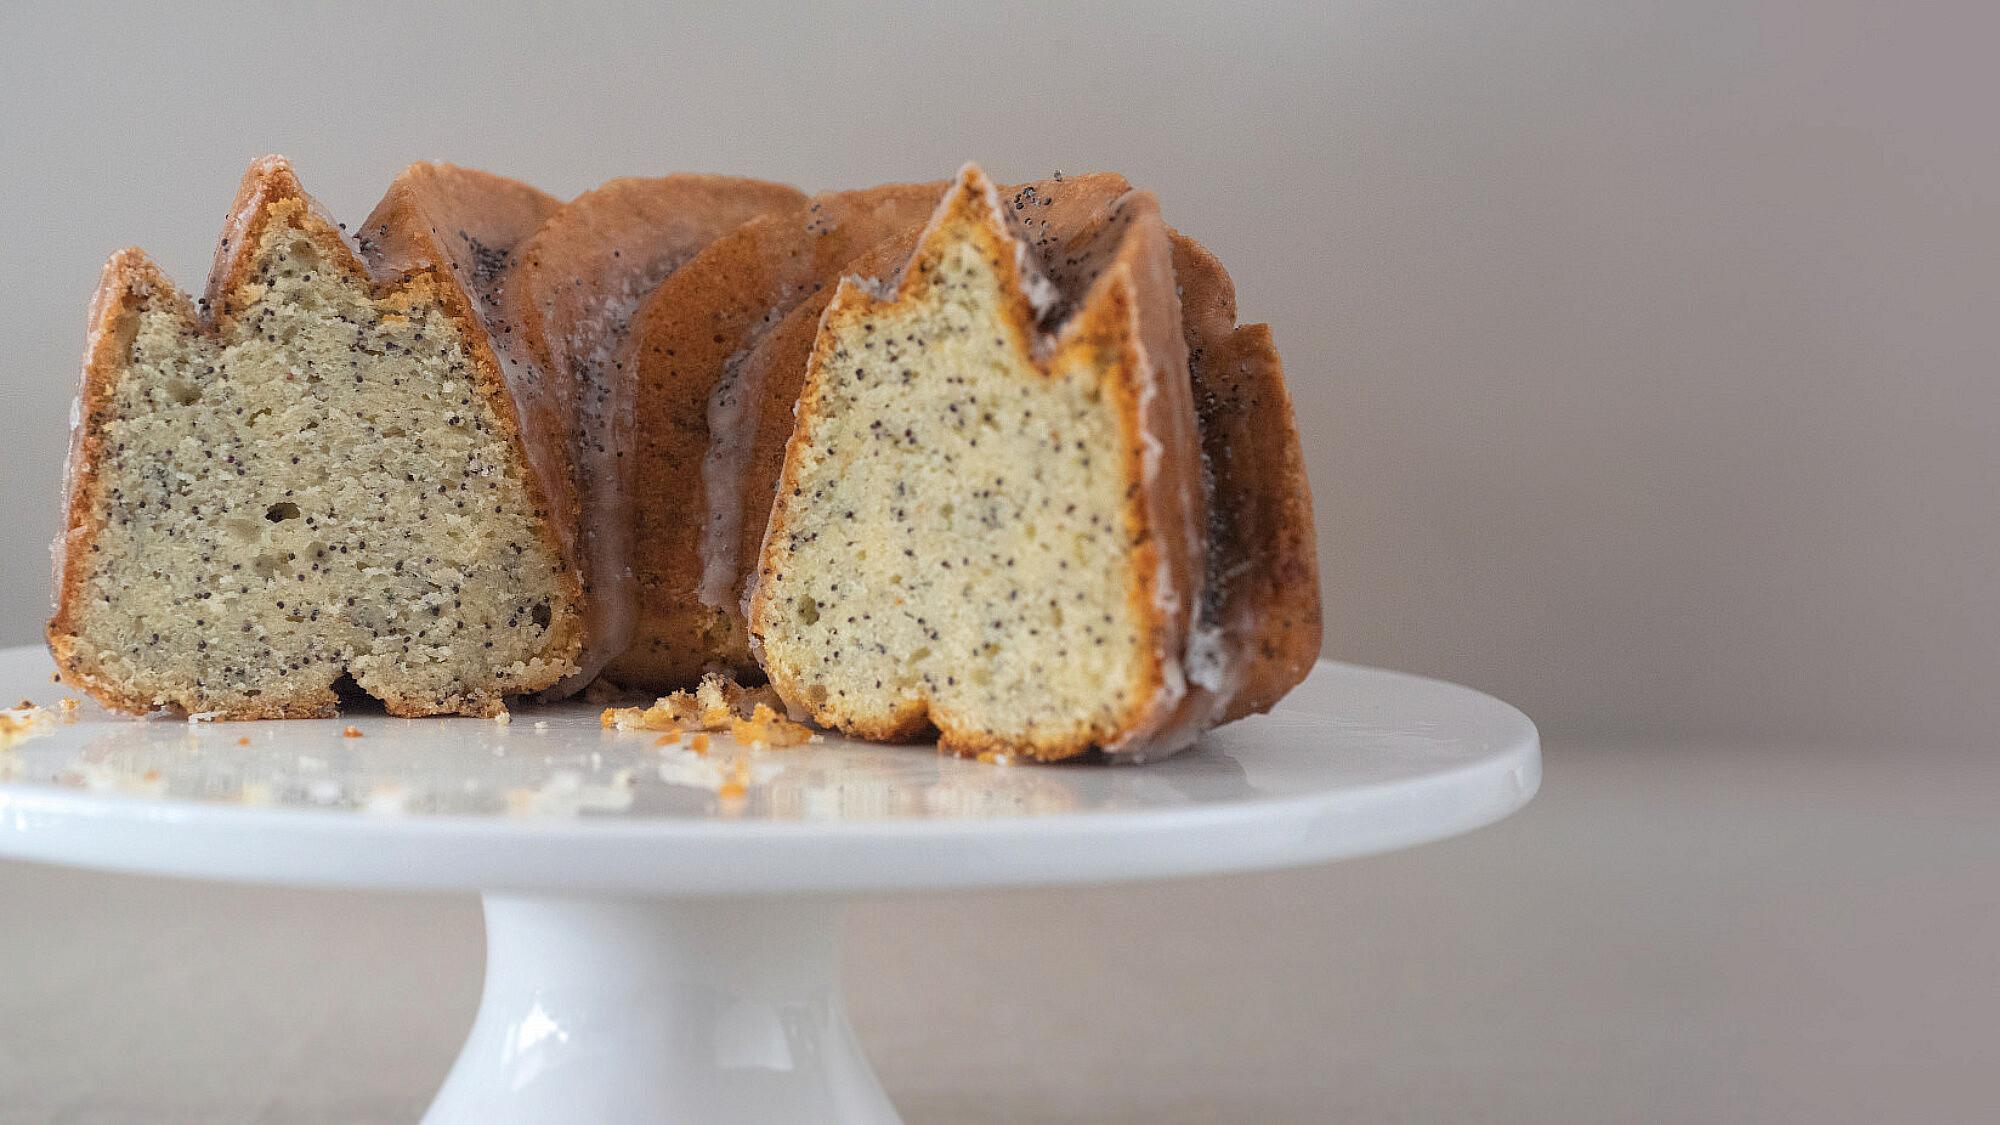 עוגת פרג ולימון של ליאור משיח. צילום: מיכל רביבו